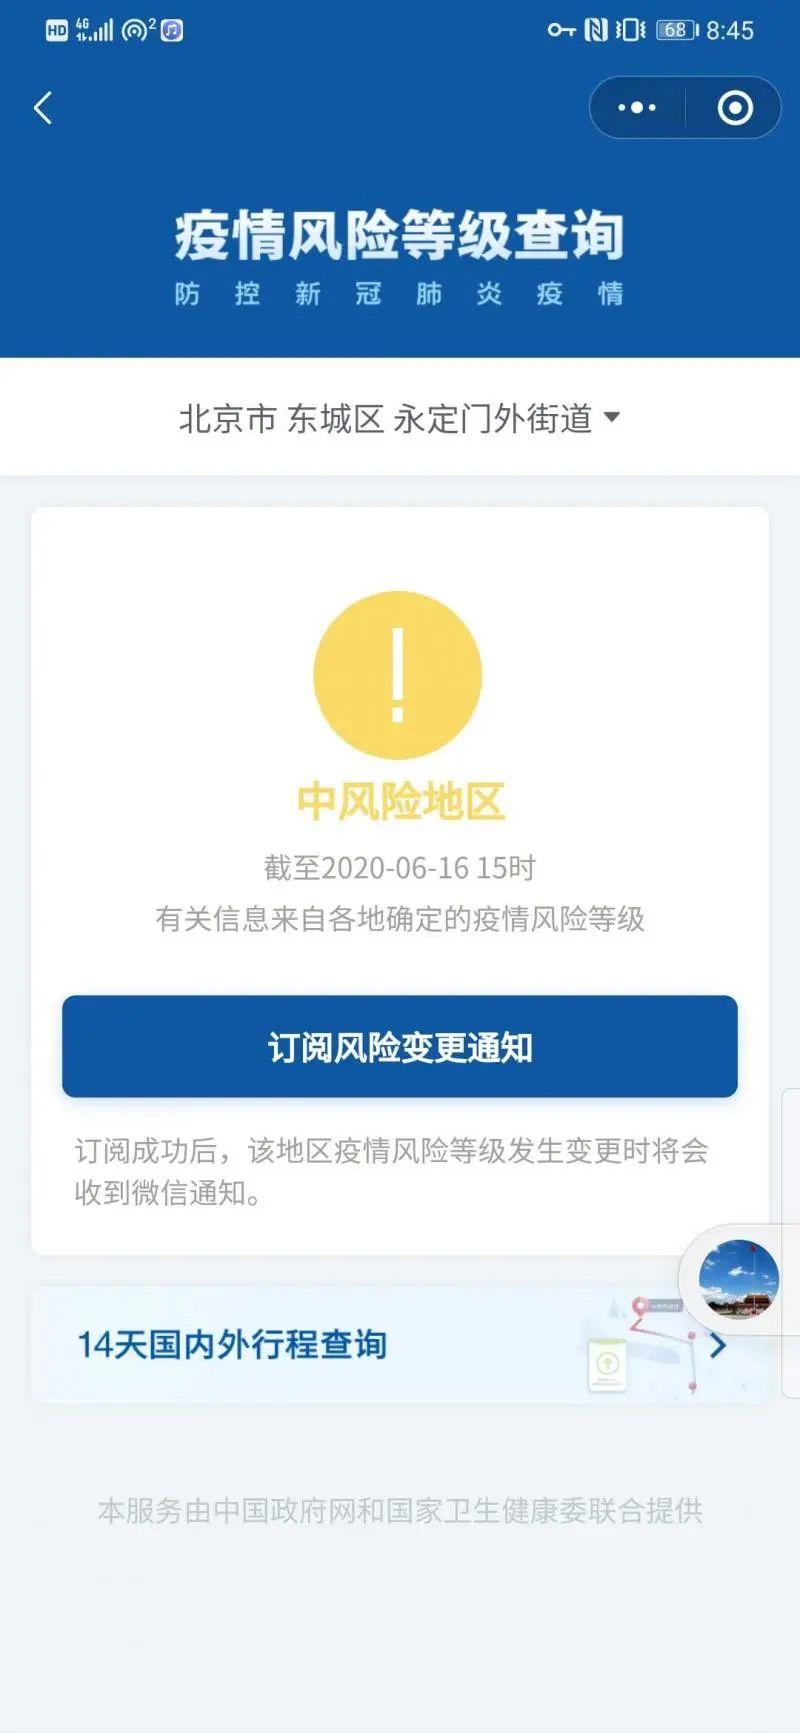 北京又有5地升级为中风险地区!中风险地区增至27个!